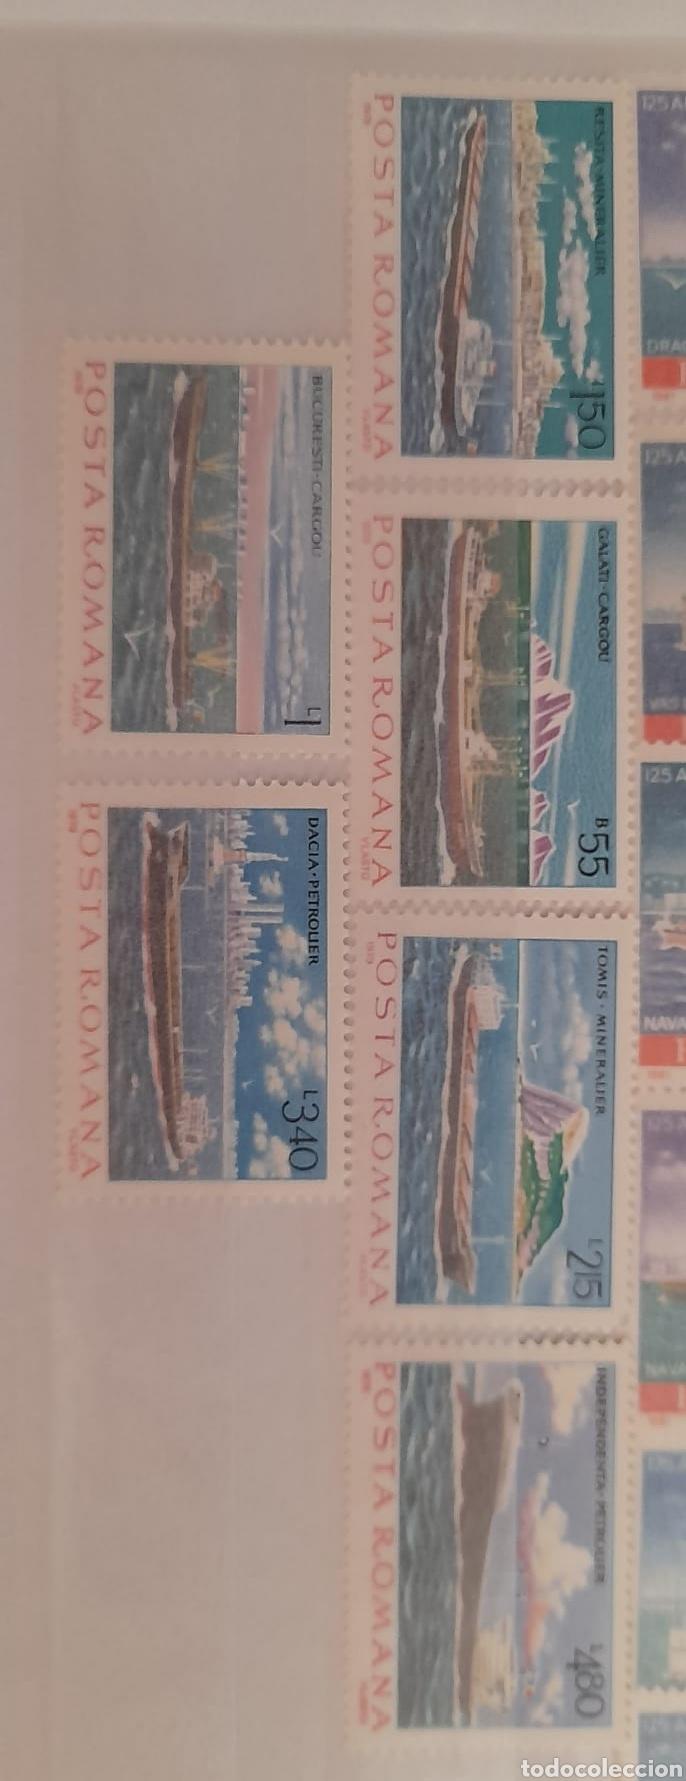 Sellos: Lote 3 series de barcos Rumanos/** sellos nuevos. - Foto 4 - 278487928